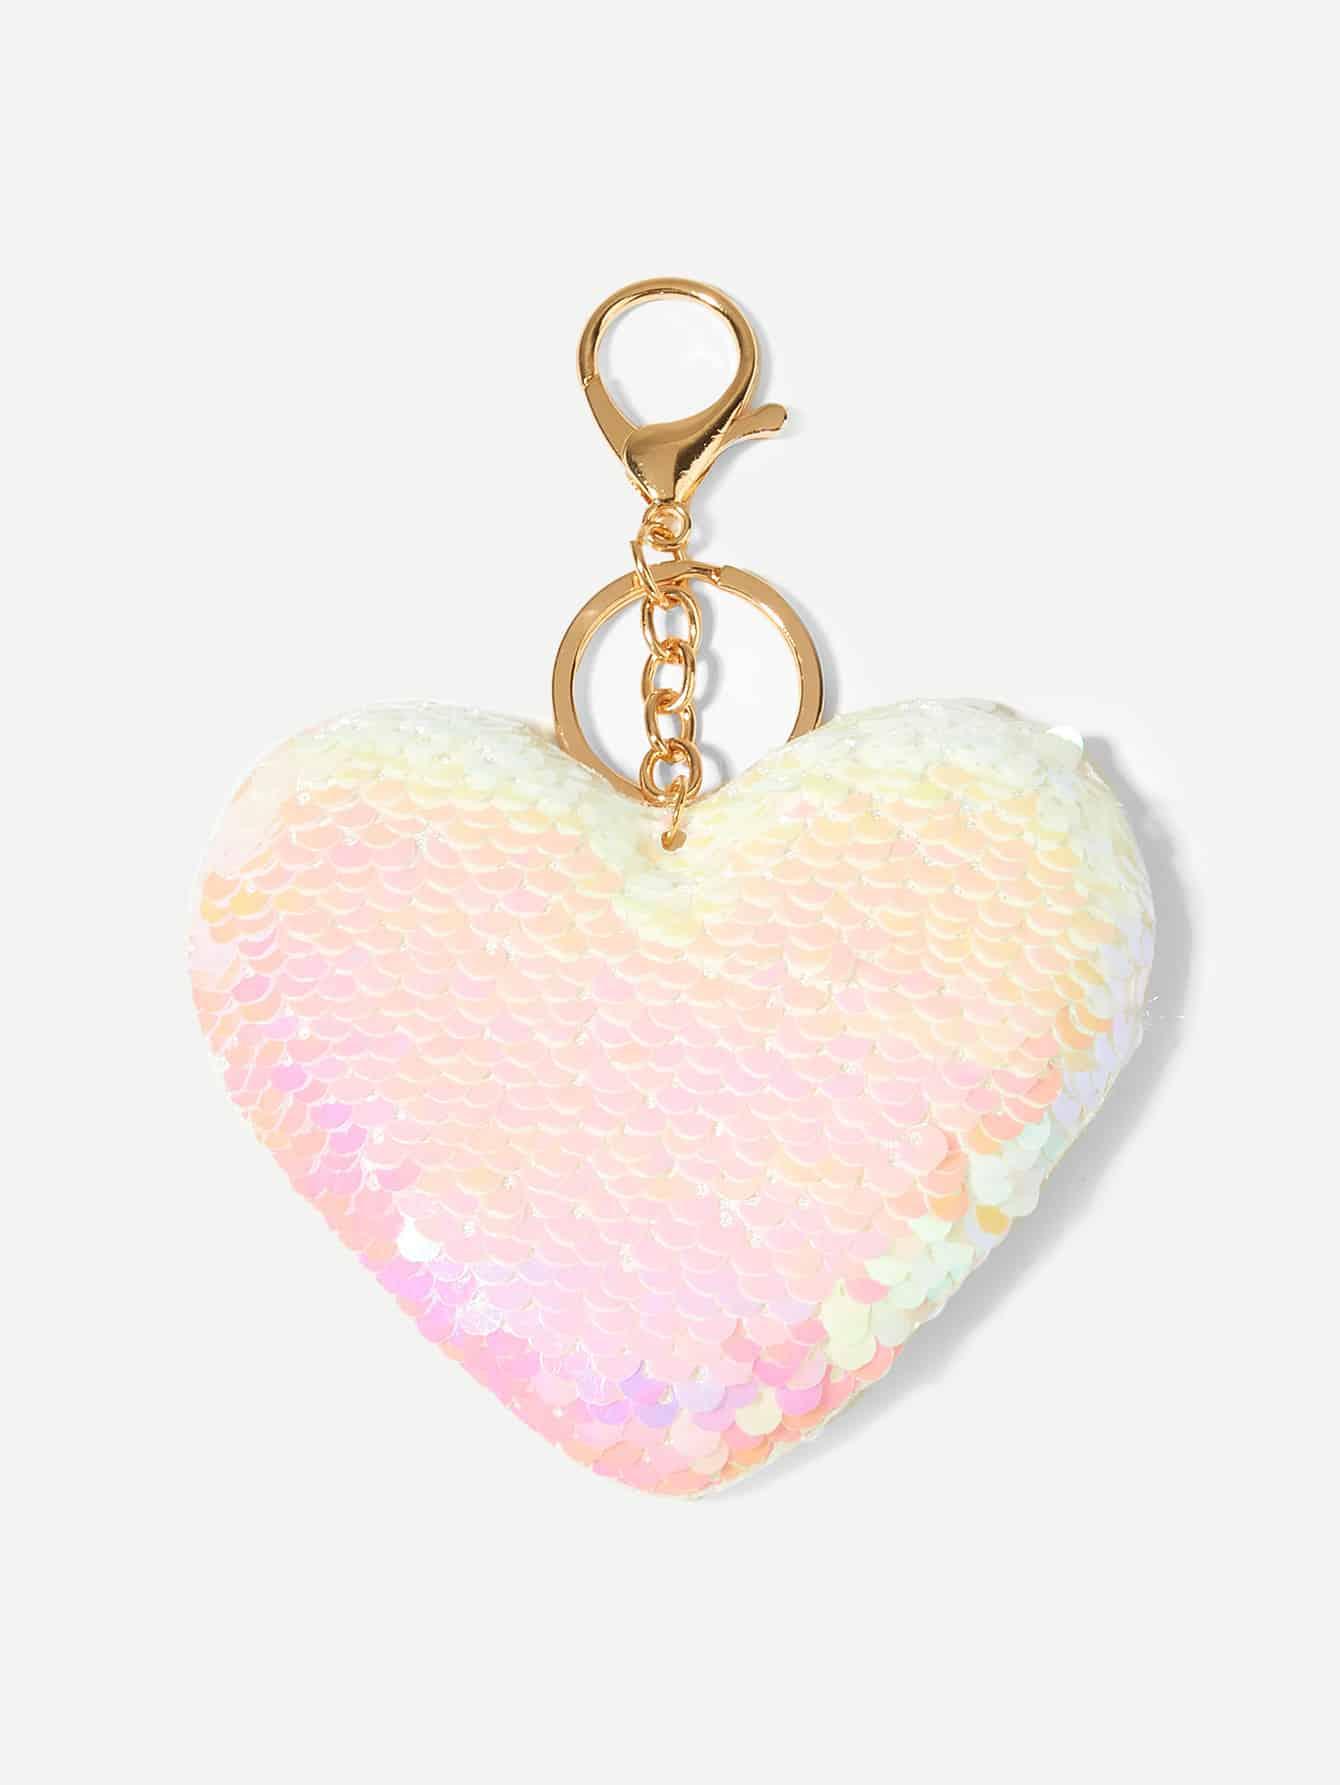 Купить Брелок для ключей с украшением сердца и пайетки, null, SheIn